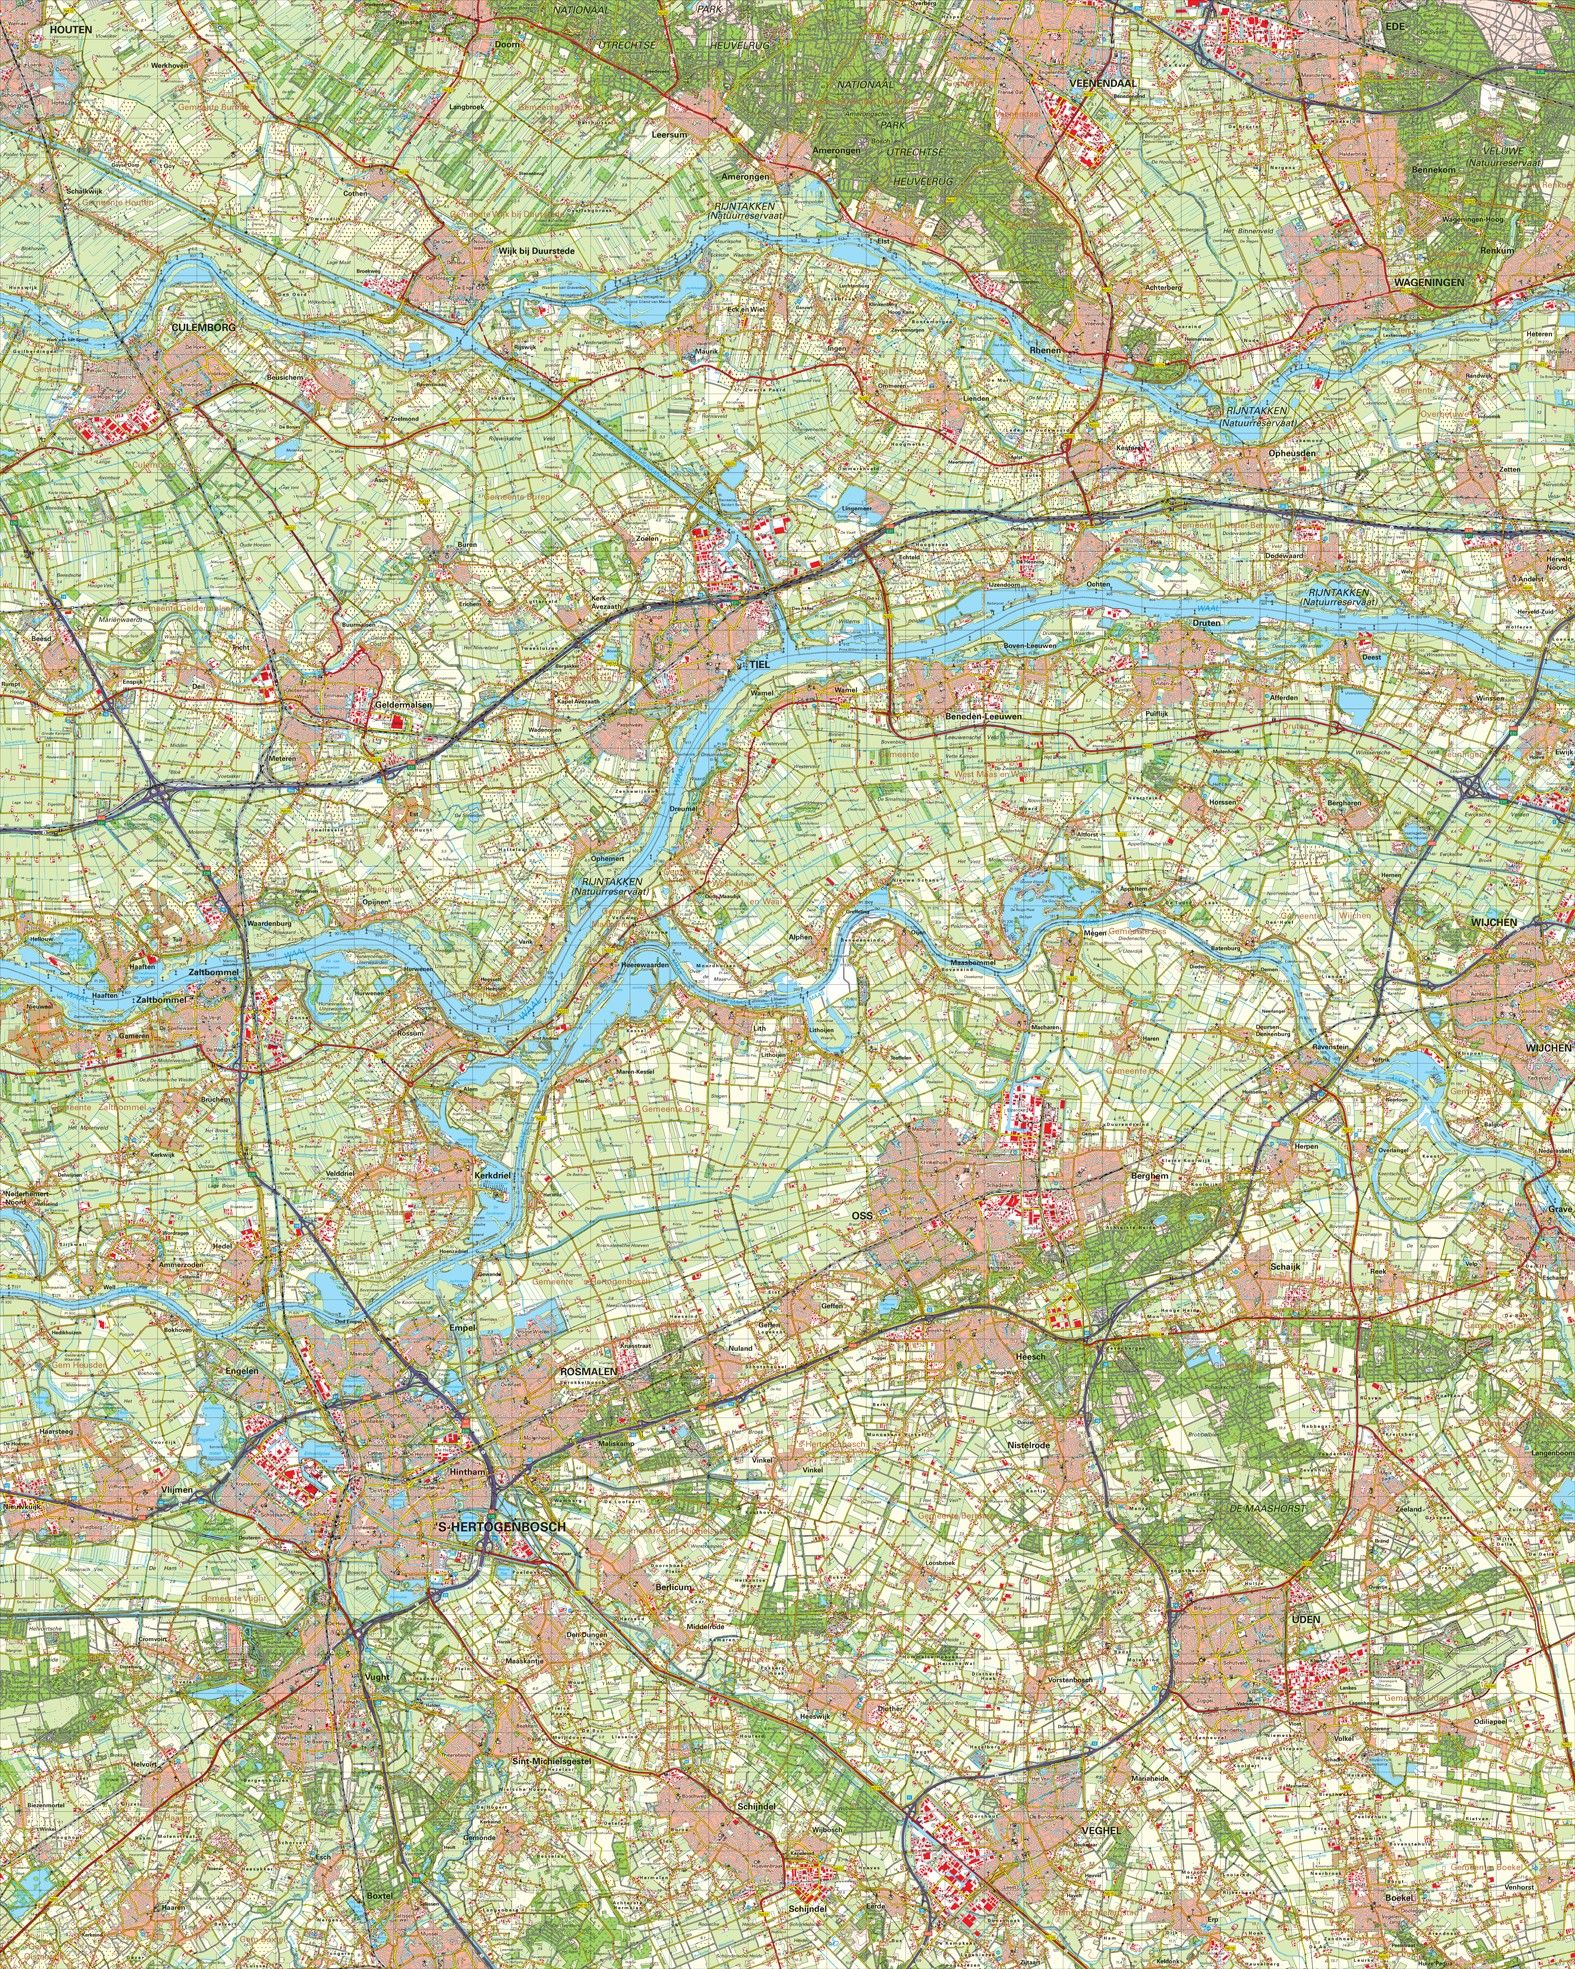 Topografische kaart schaal 1:50.000 (Culemborg,Tiel,Oss,'s-Hertogenbosch,Uden)